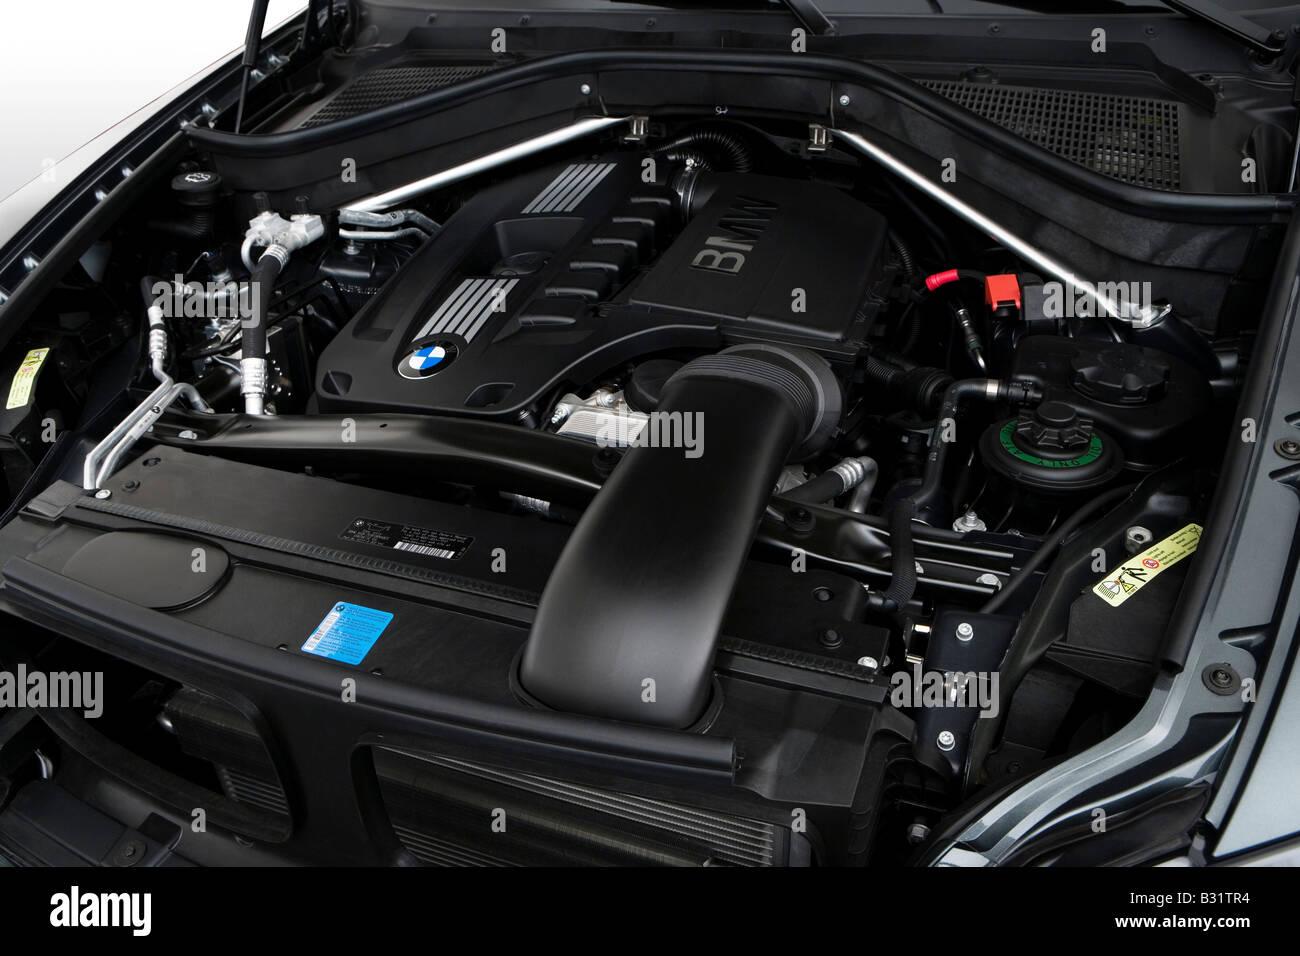 2008 Bmw X6 Xdrive 35i In Green Engine Stock Photo 19095752 Alamy